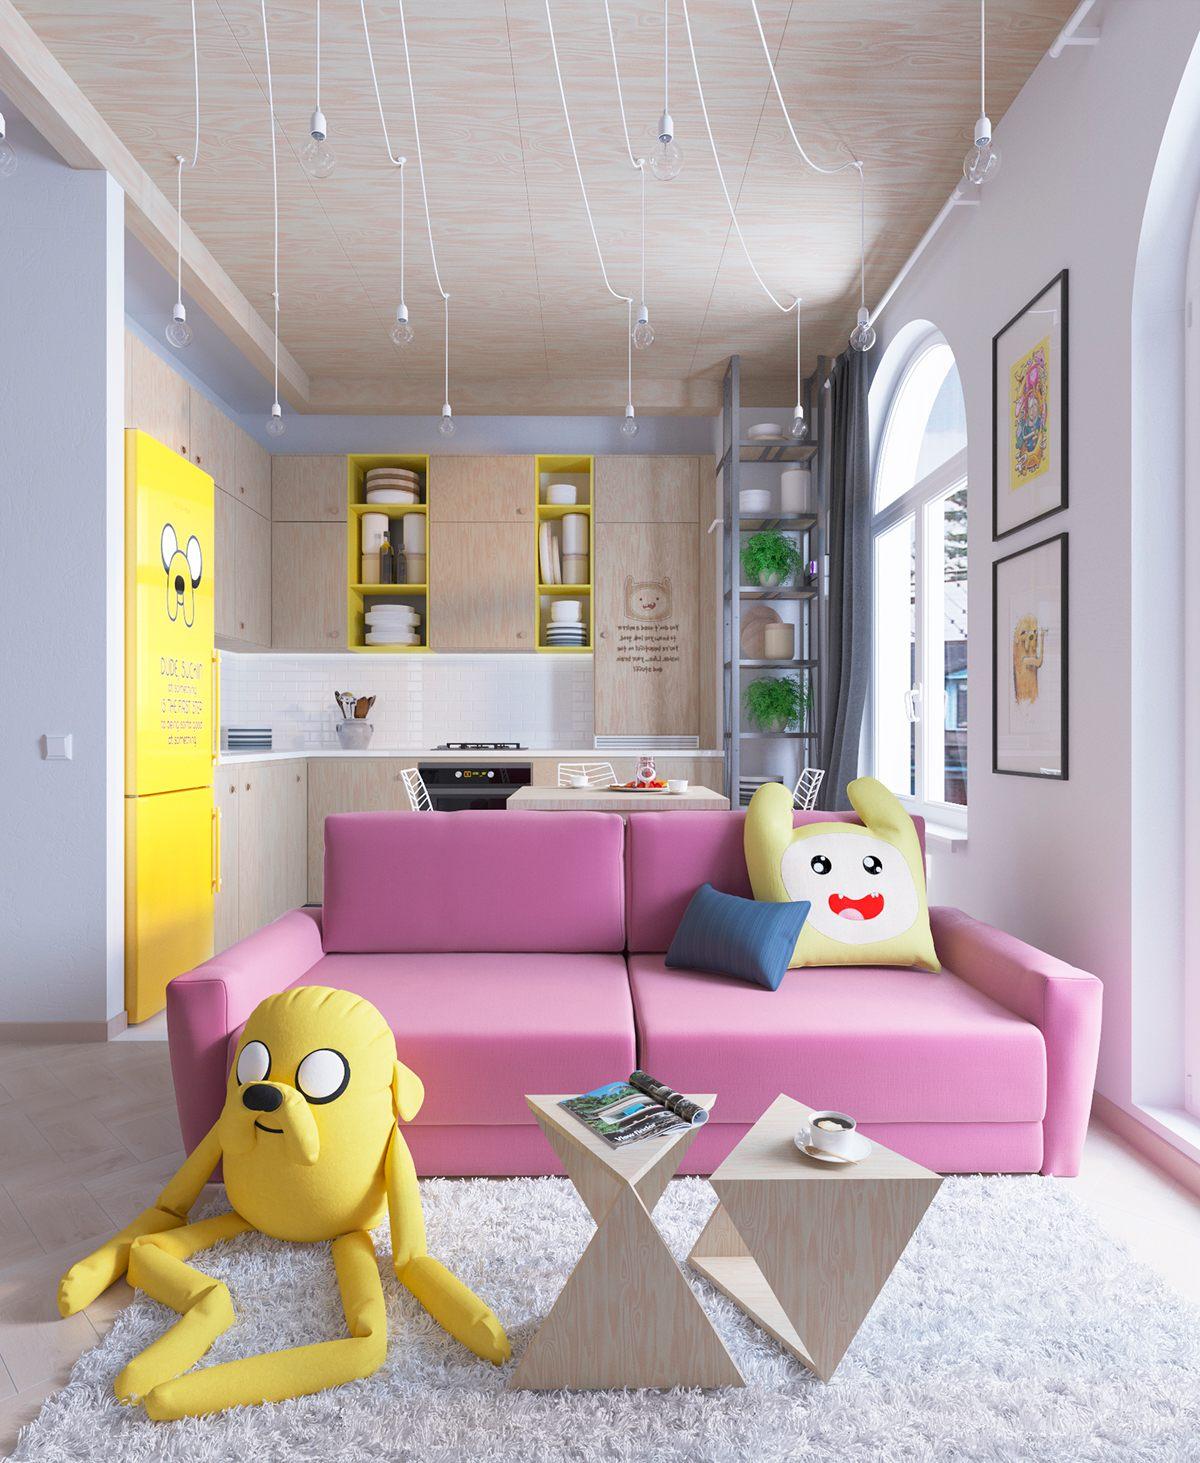 Pop Art apartment interior design